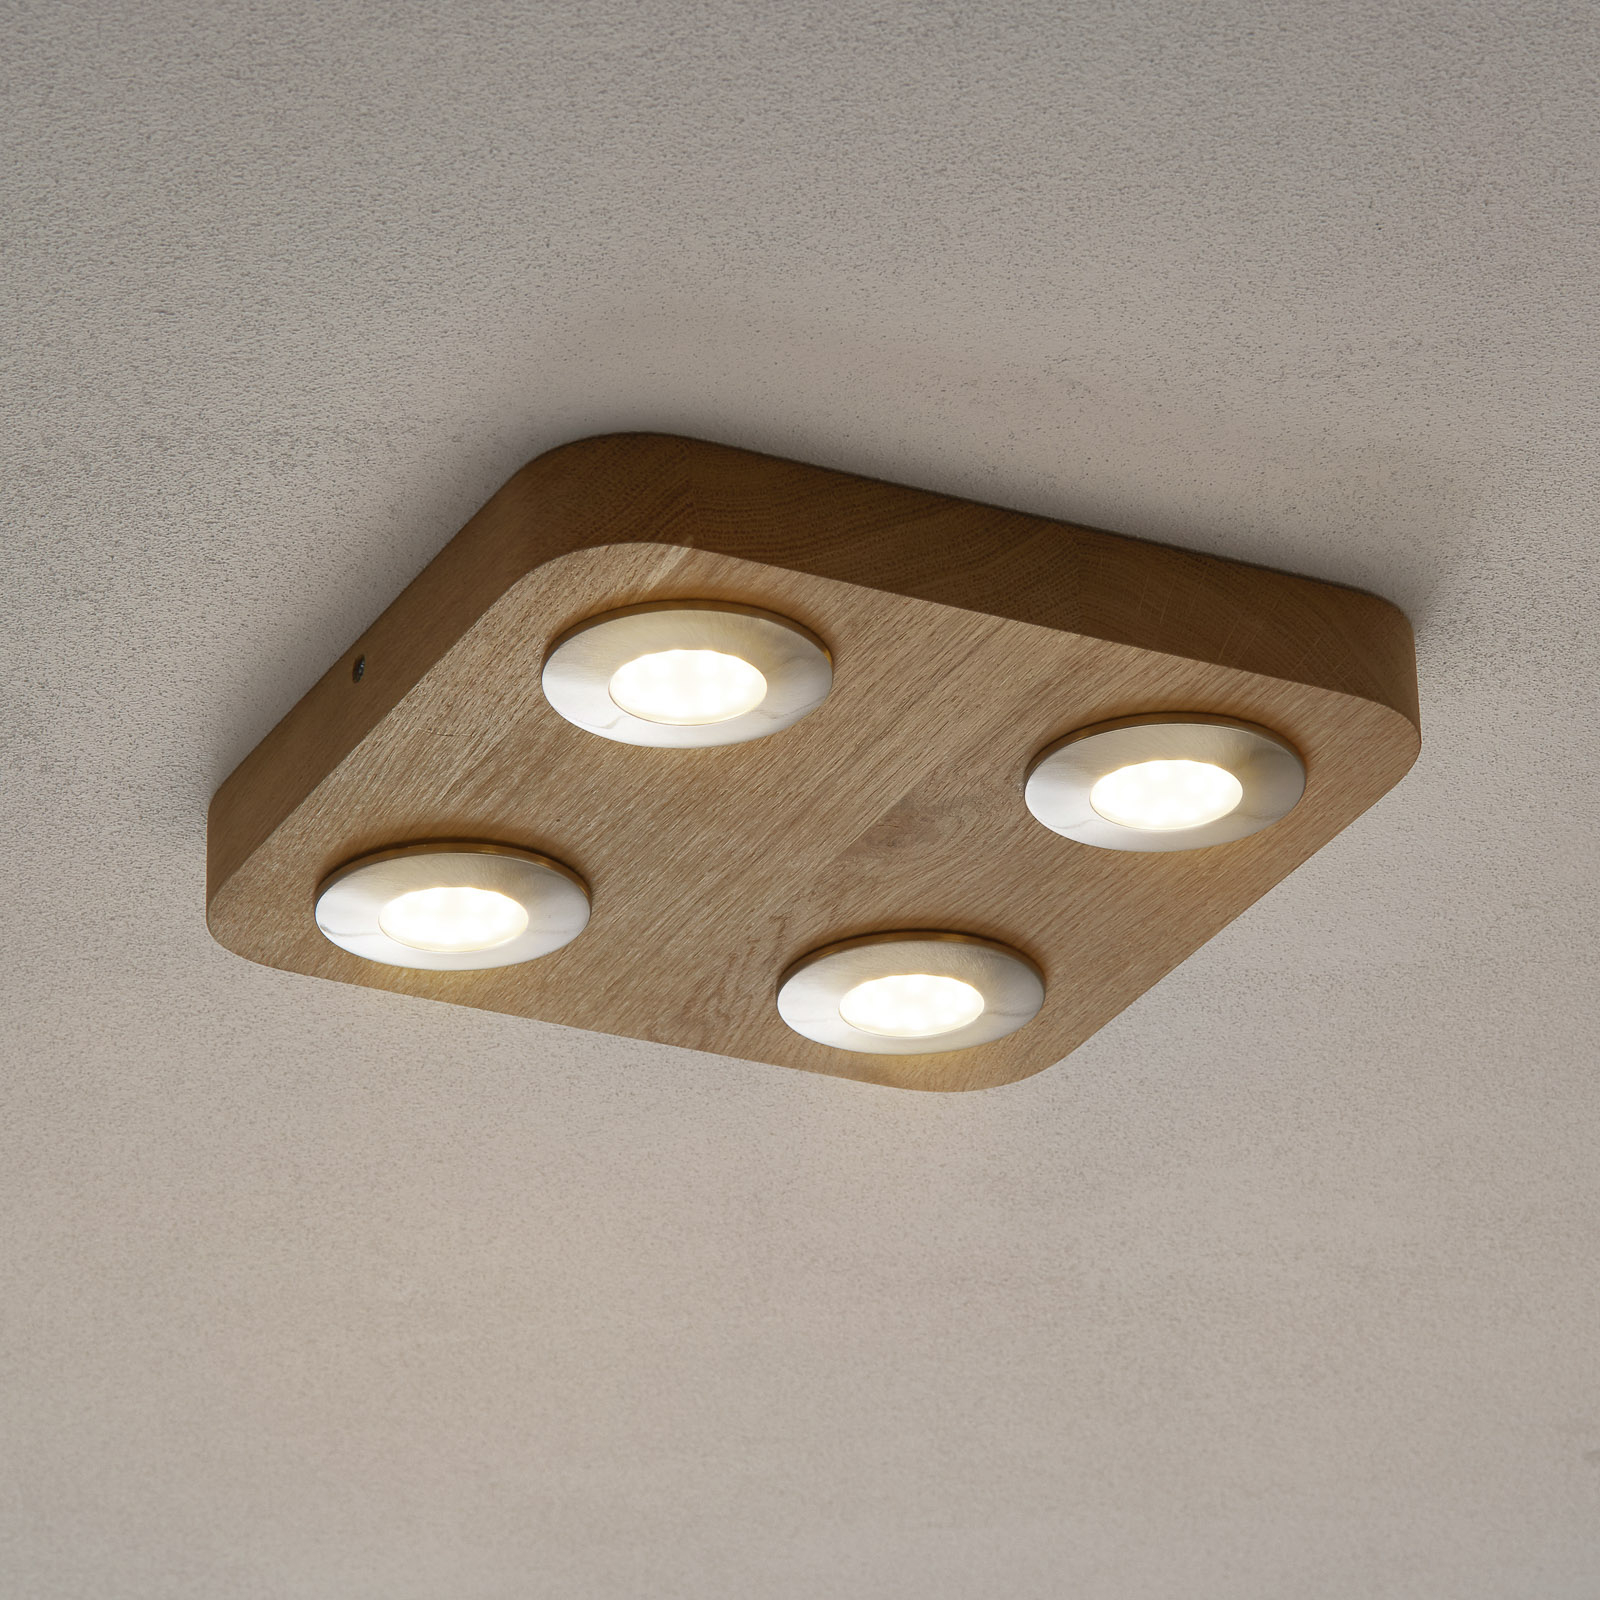 LED-taklampe Sunniva i eik, 4 lys